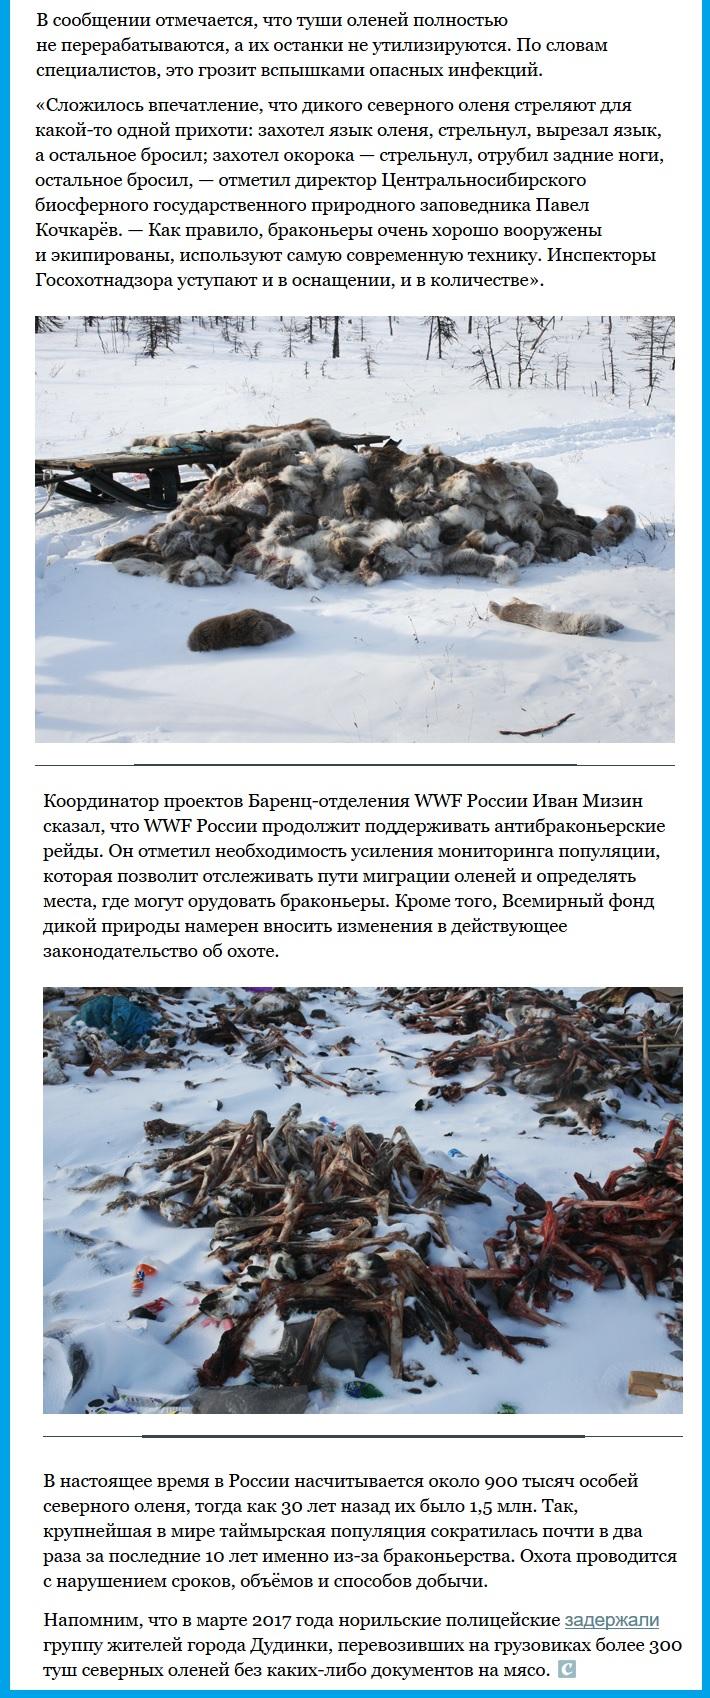 Уничтожение браконьерами северных оленей(2)